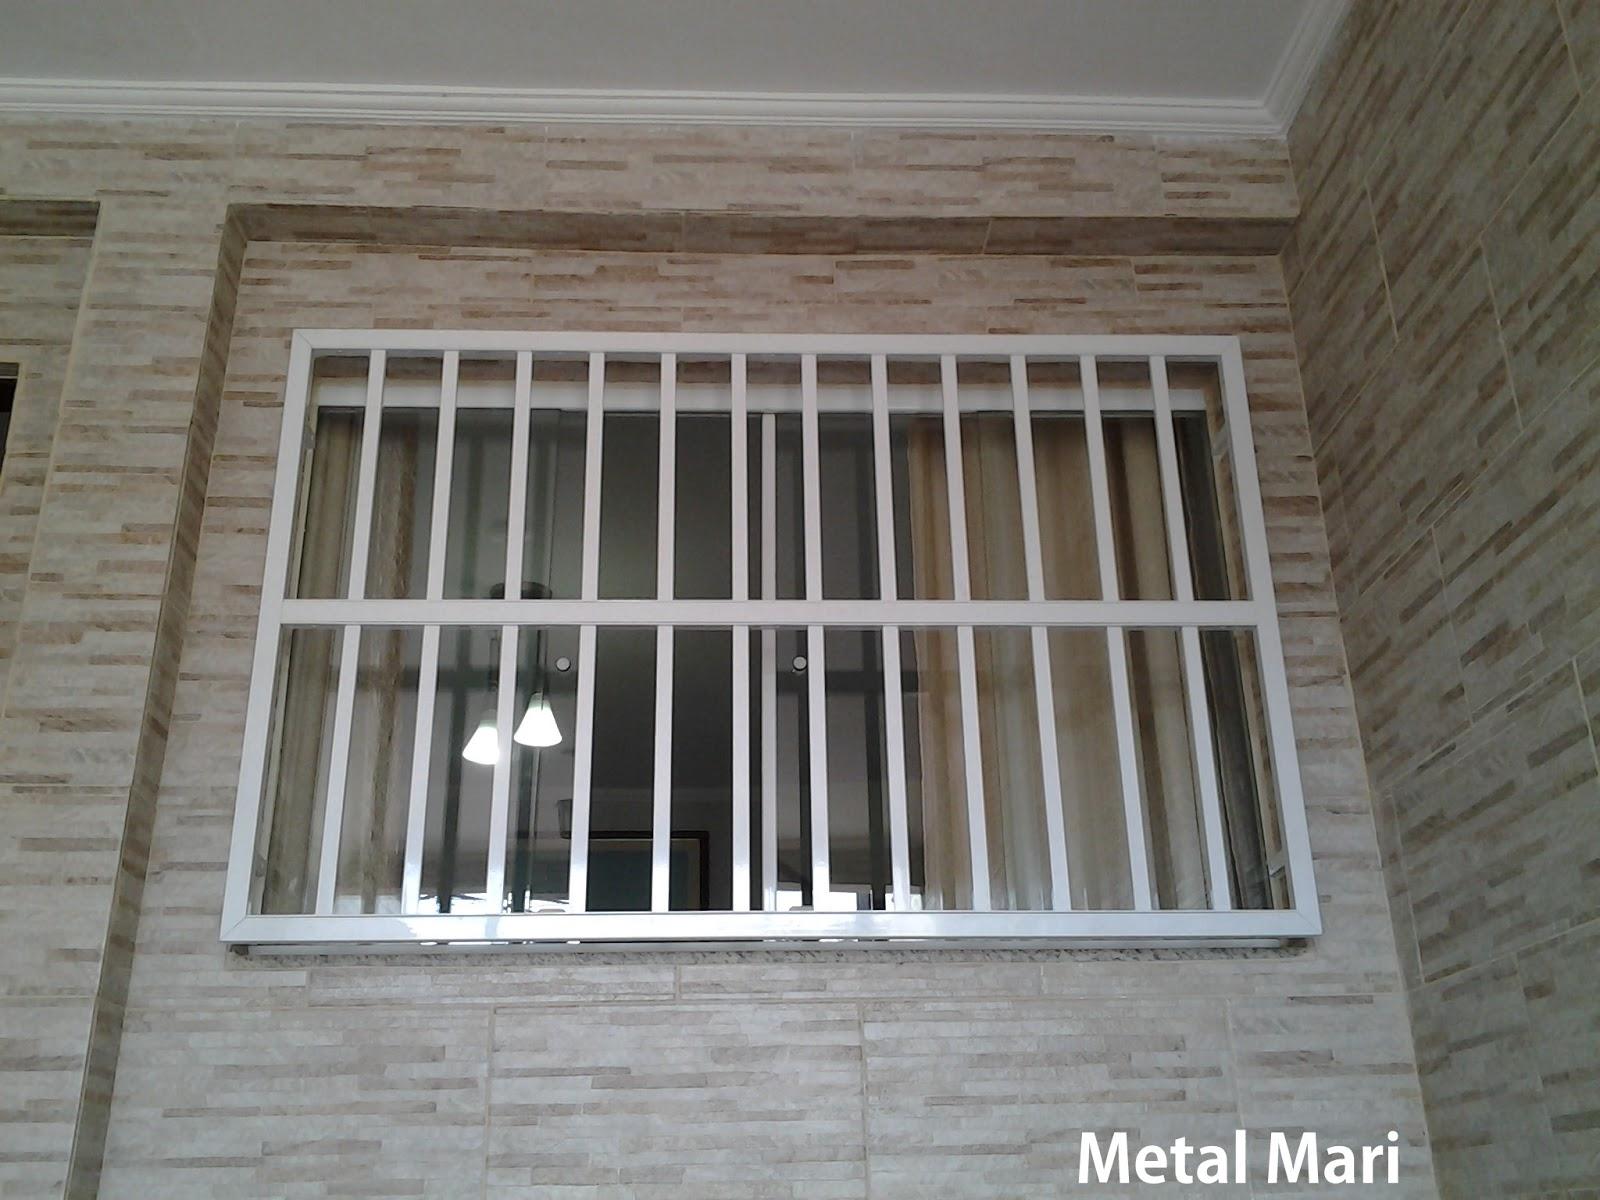 #5A5042 Grade de alumínio branco (Metal Mari) 694 Janelas Venezianas De Aluminio Branco Com Grade